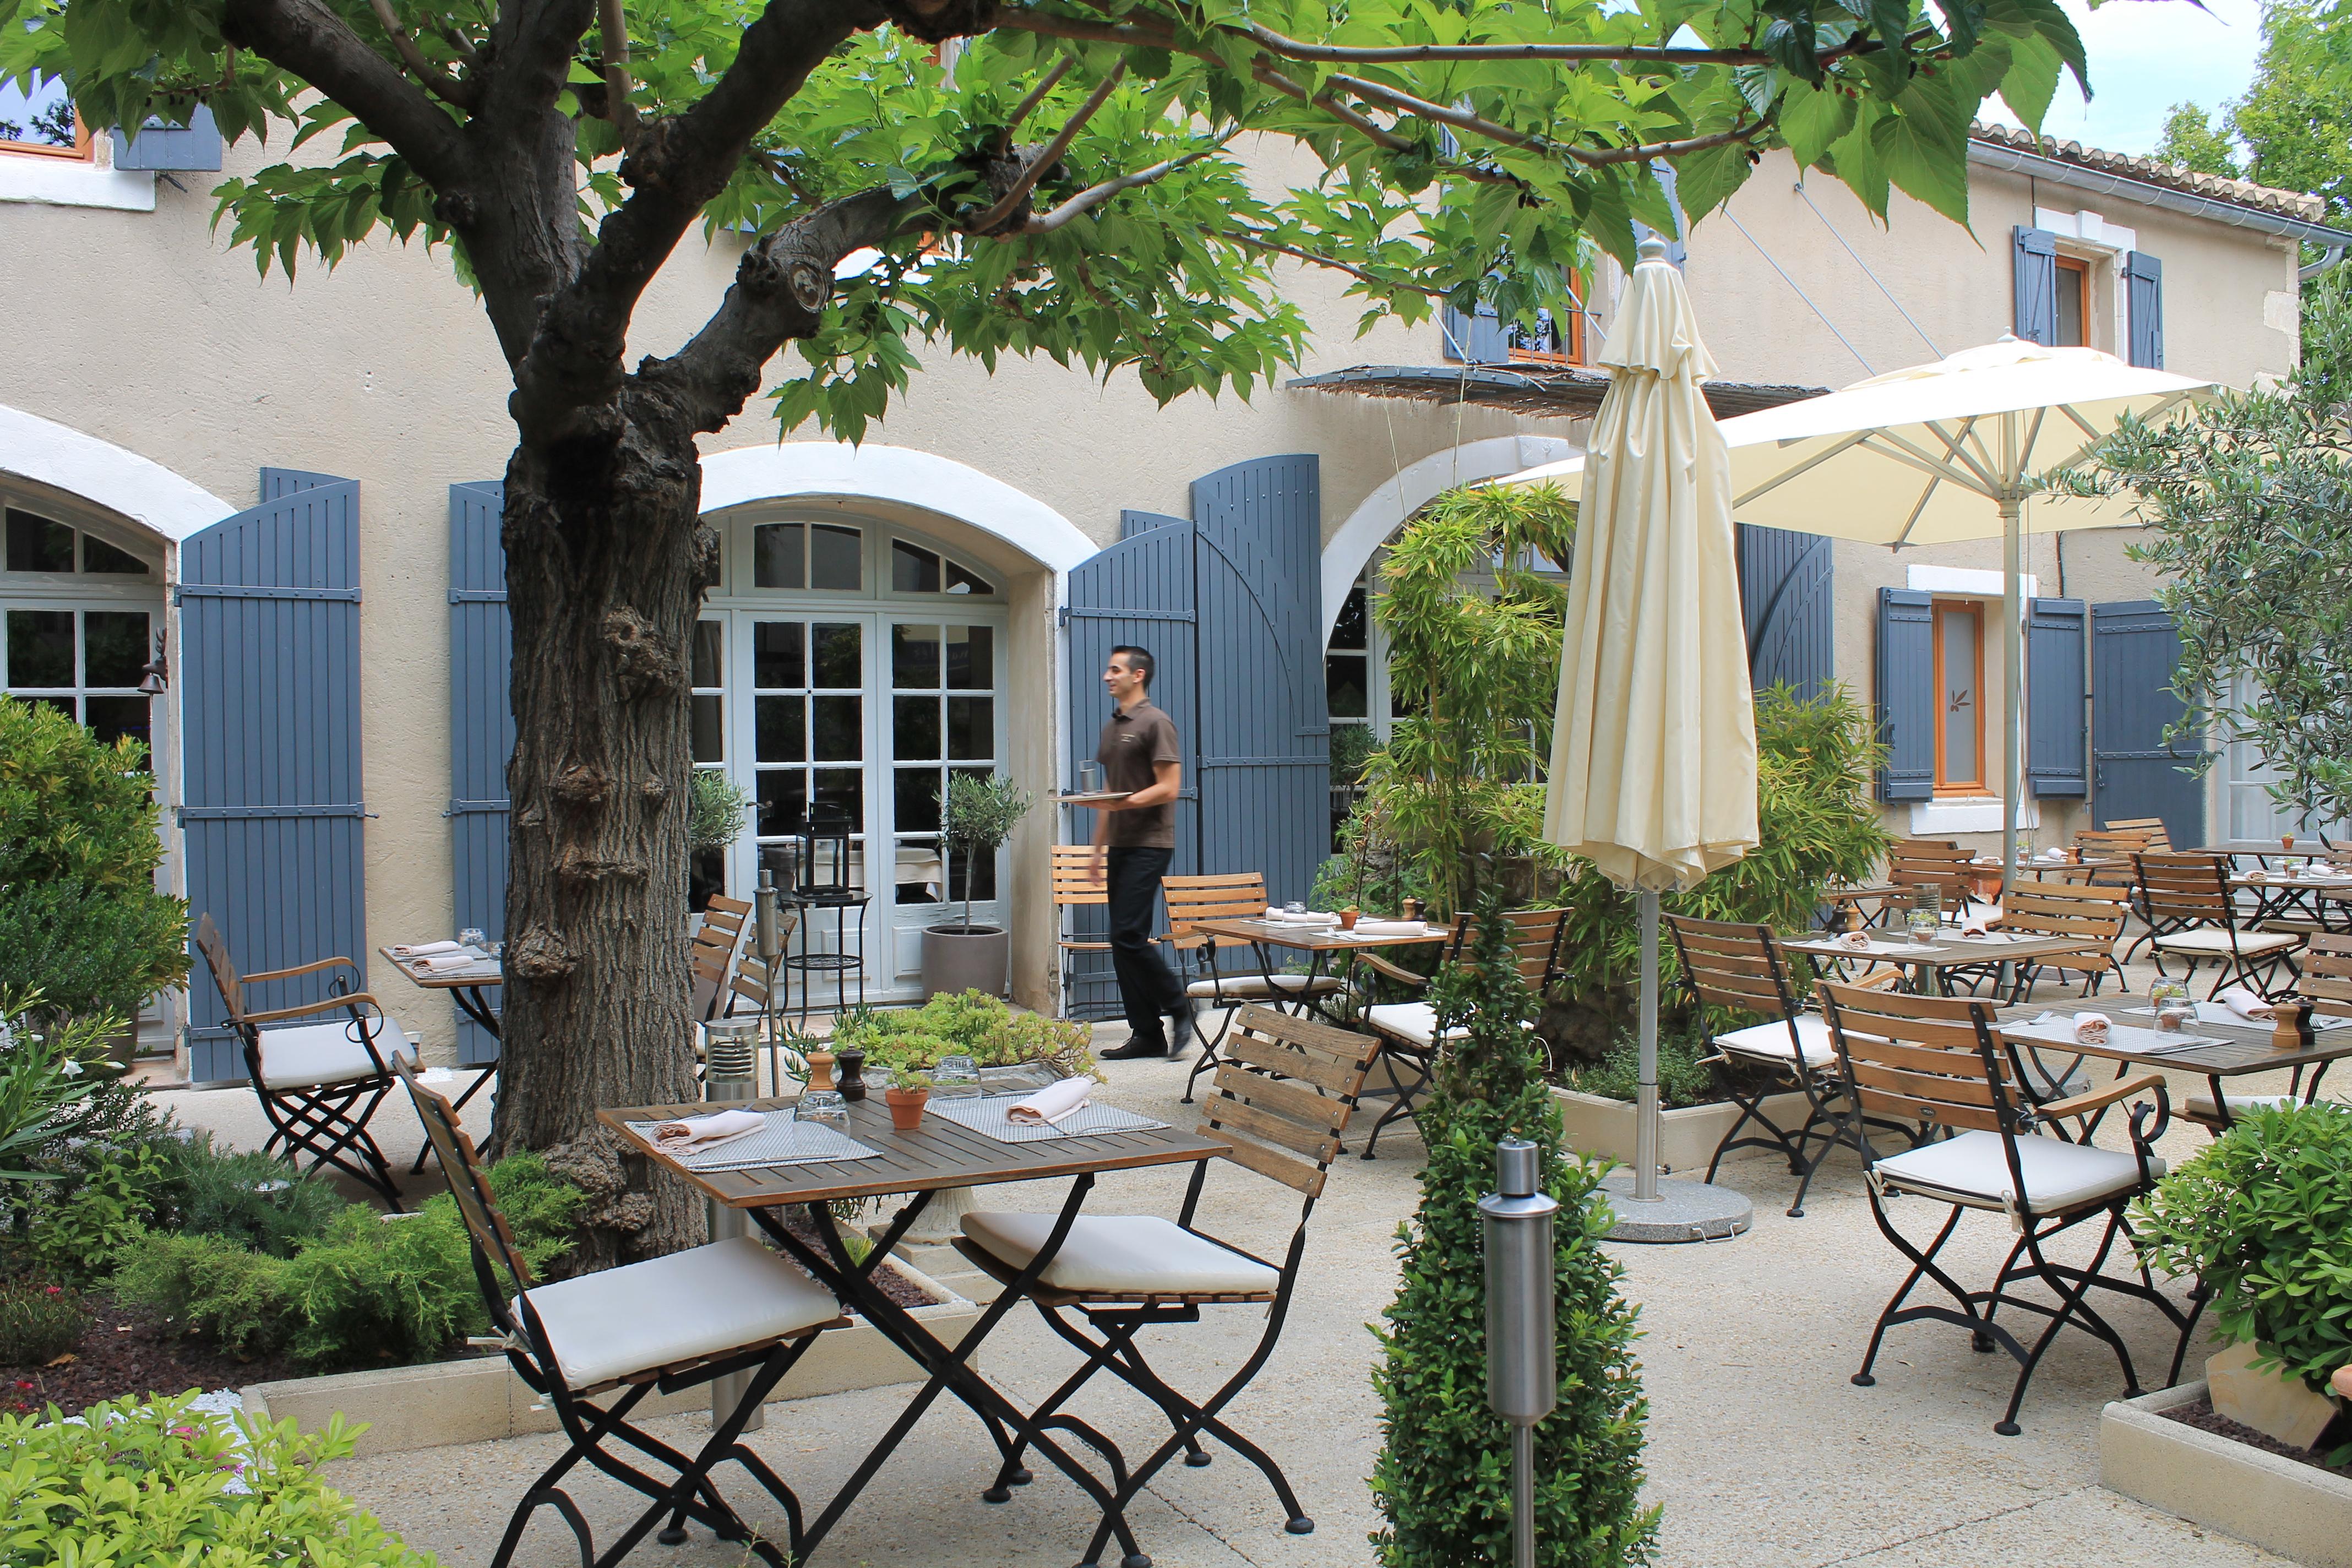 Restaurant le clos saint roch office de tourisme - Office de tourisme maussane les alpilles ...